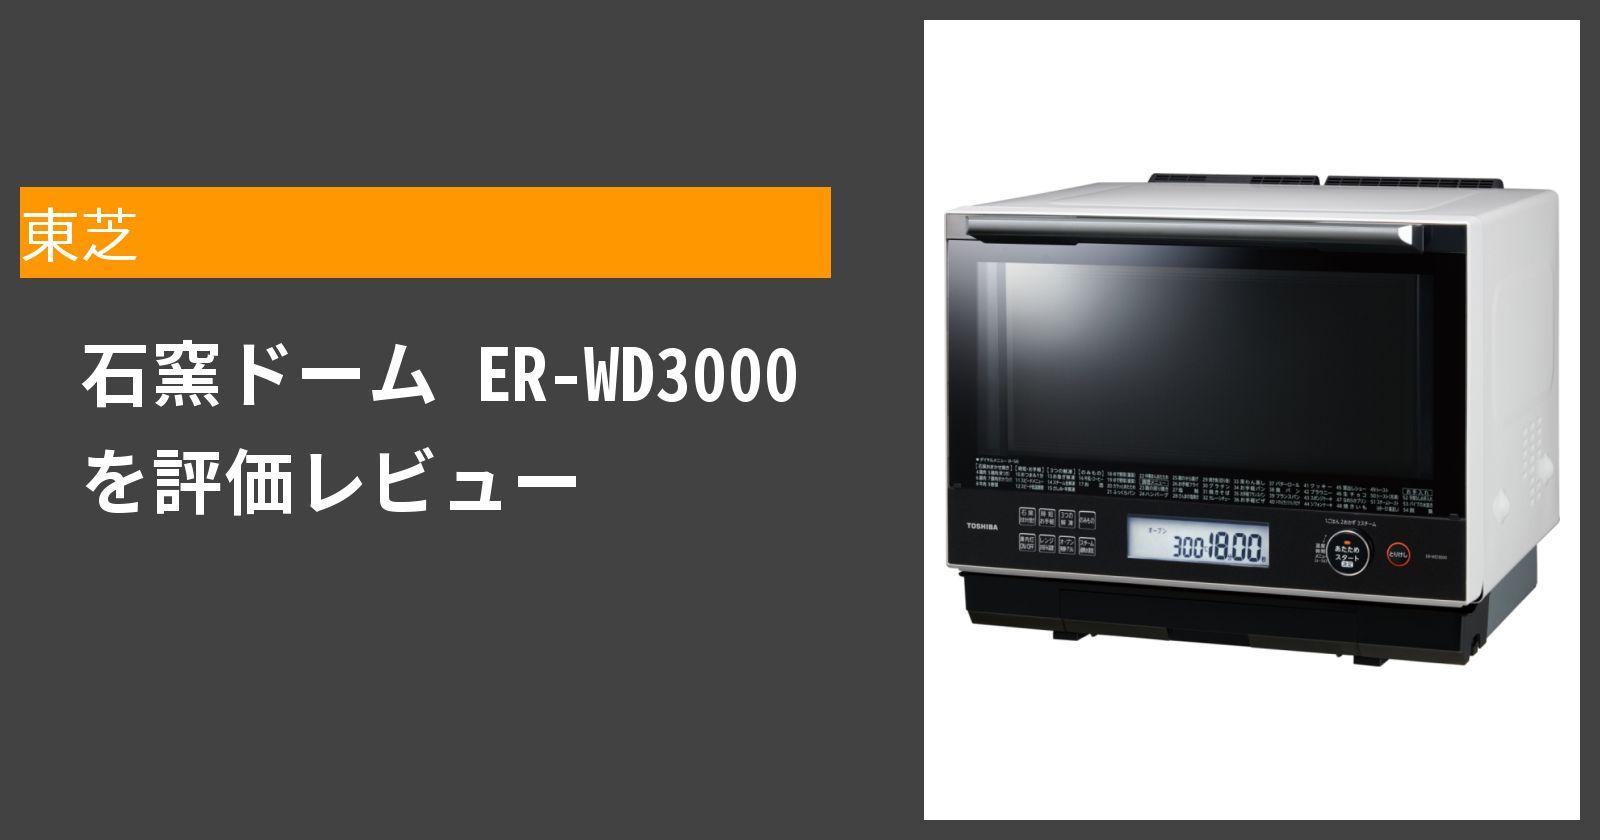 石窯ドーム ER-WD3000を徹底評価